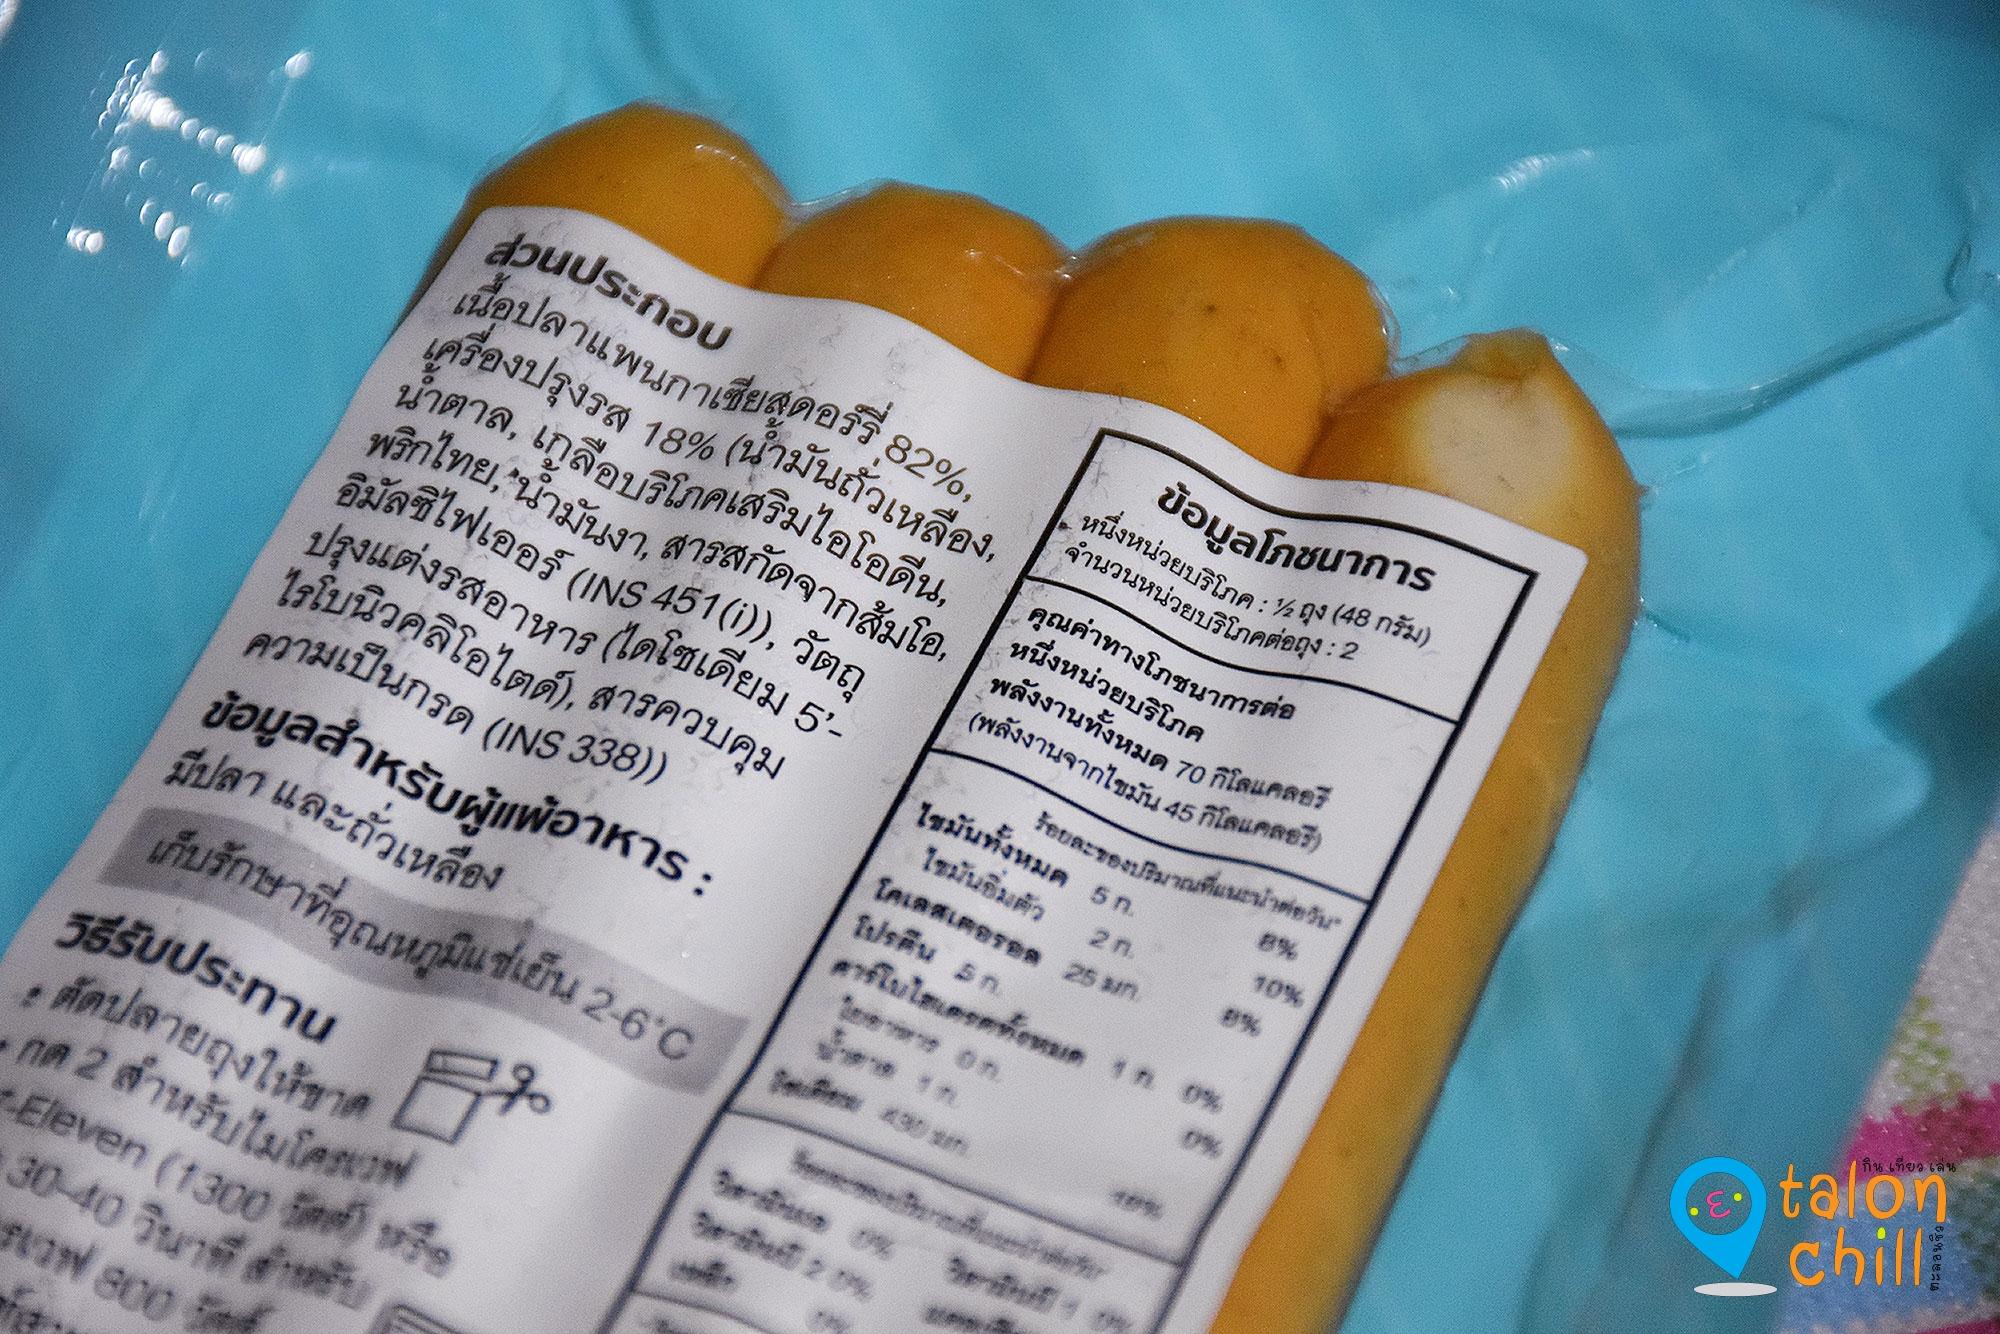 [แกะซอง] ฟิซ ซอสเซส ตรา AA ไส้กรอกปลา AA ไม่มีแป้ง ไม่มีไนไตรท์ ไม่ใส่ผงชูรส